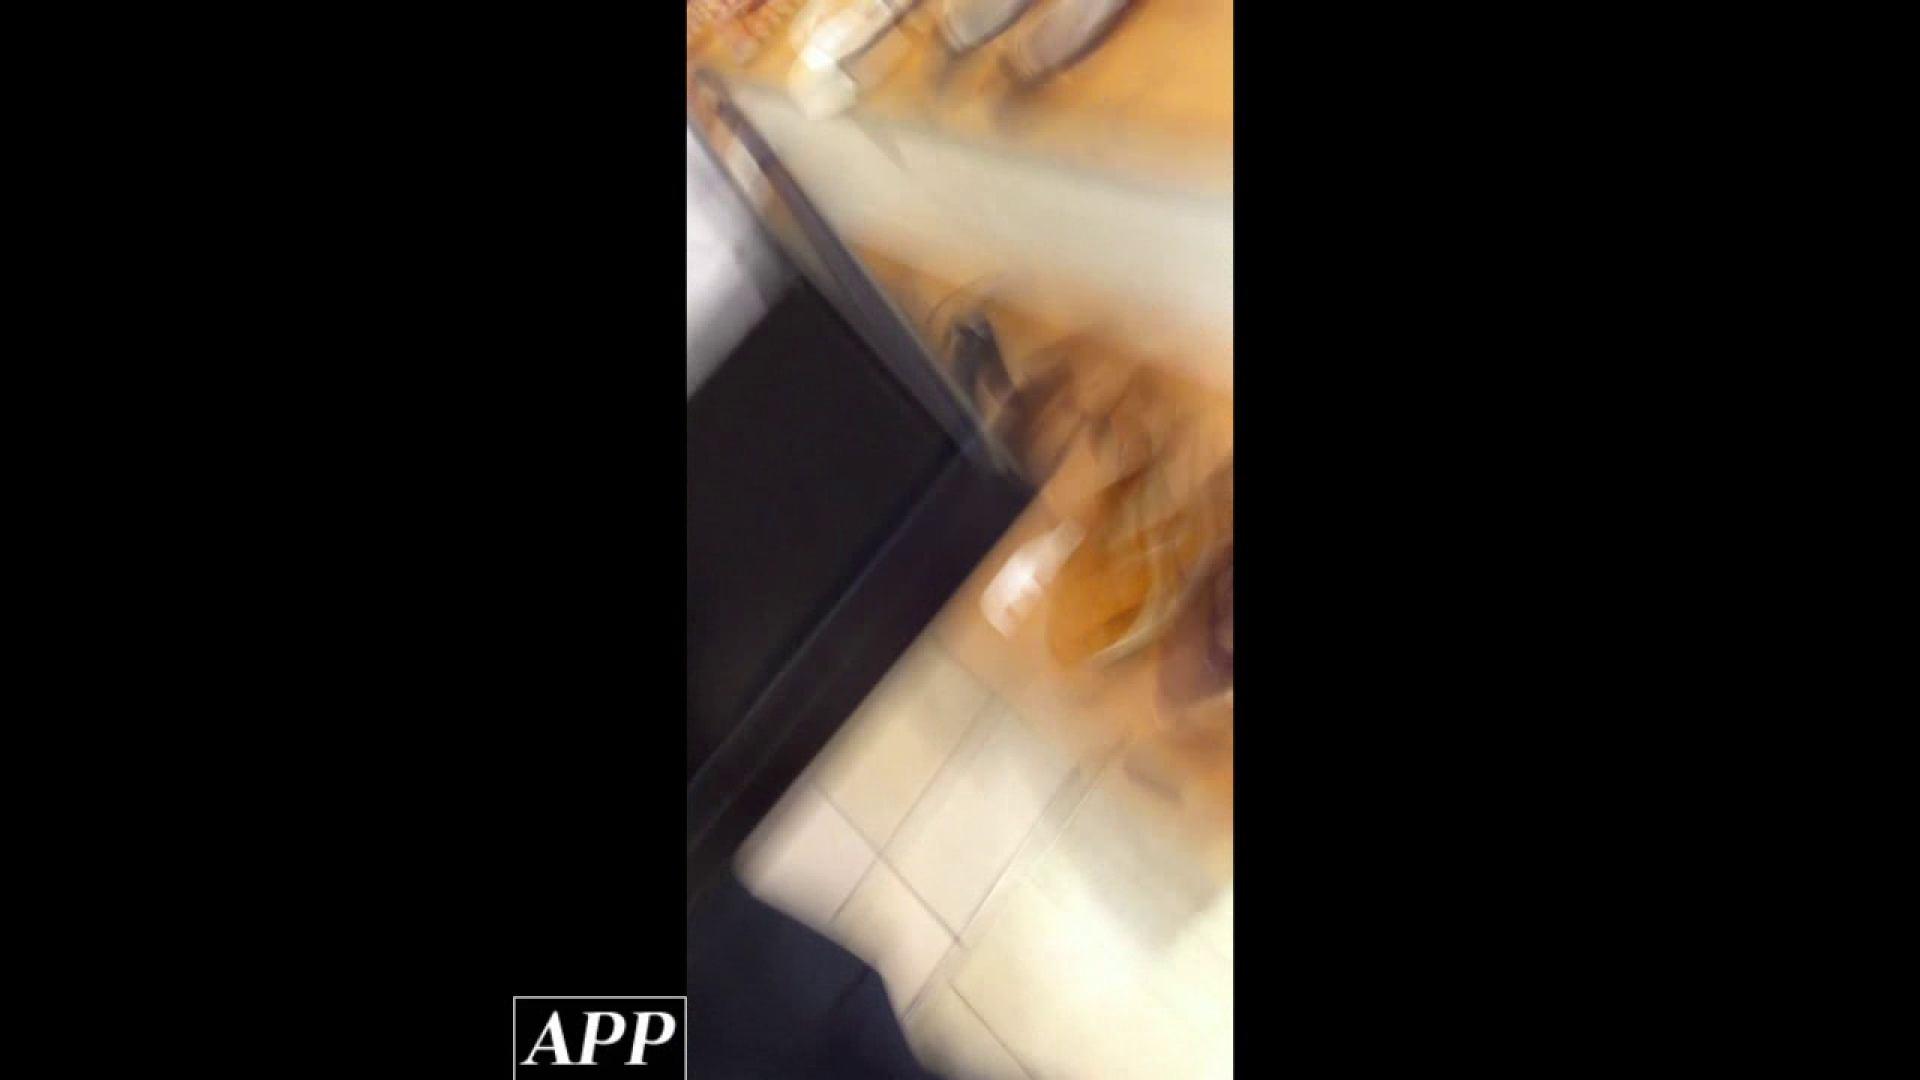 ハイビジョン盗撮!ショップ店員千人斬り!胸チラ編 vol.86 接写 盗撮ヌード画像 102PICs 16